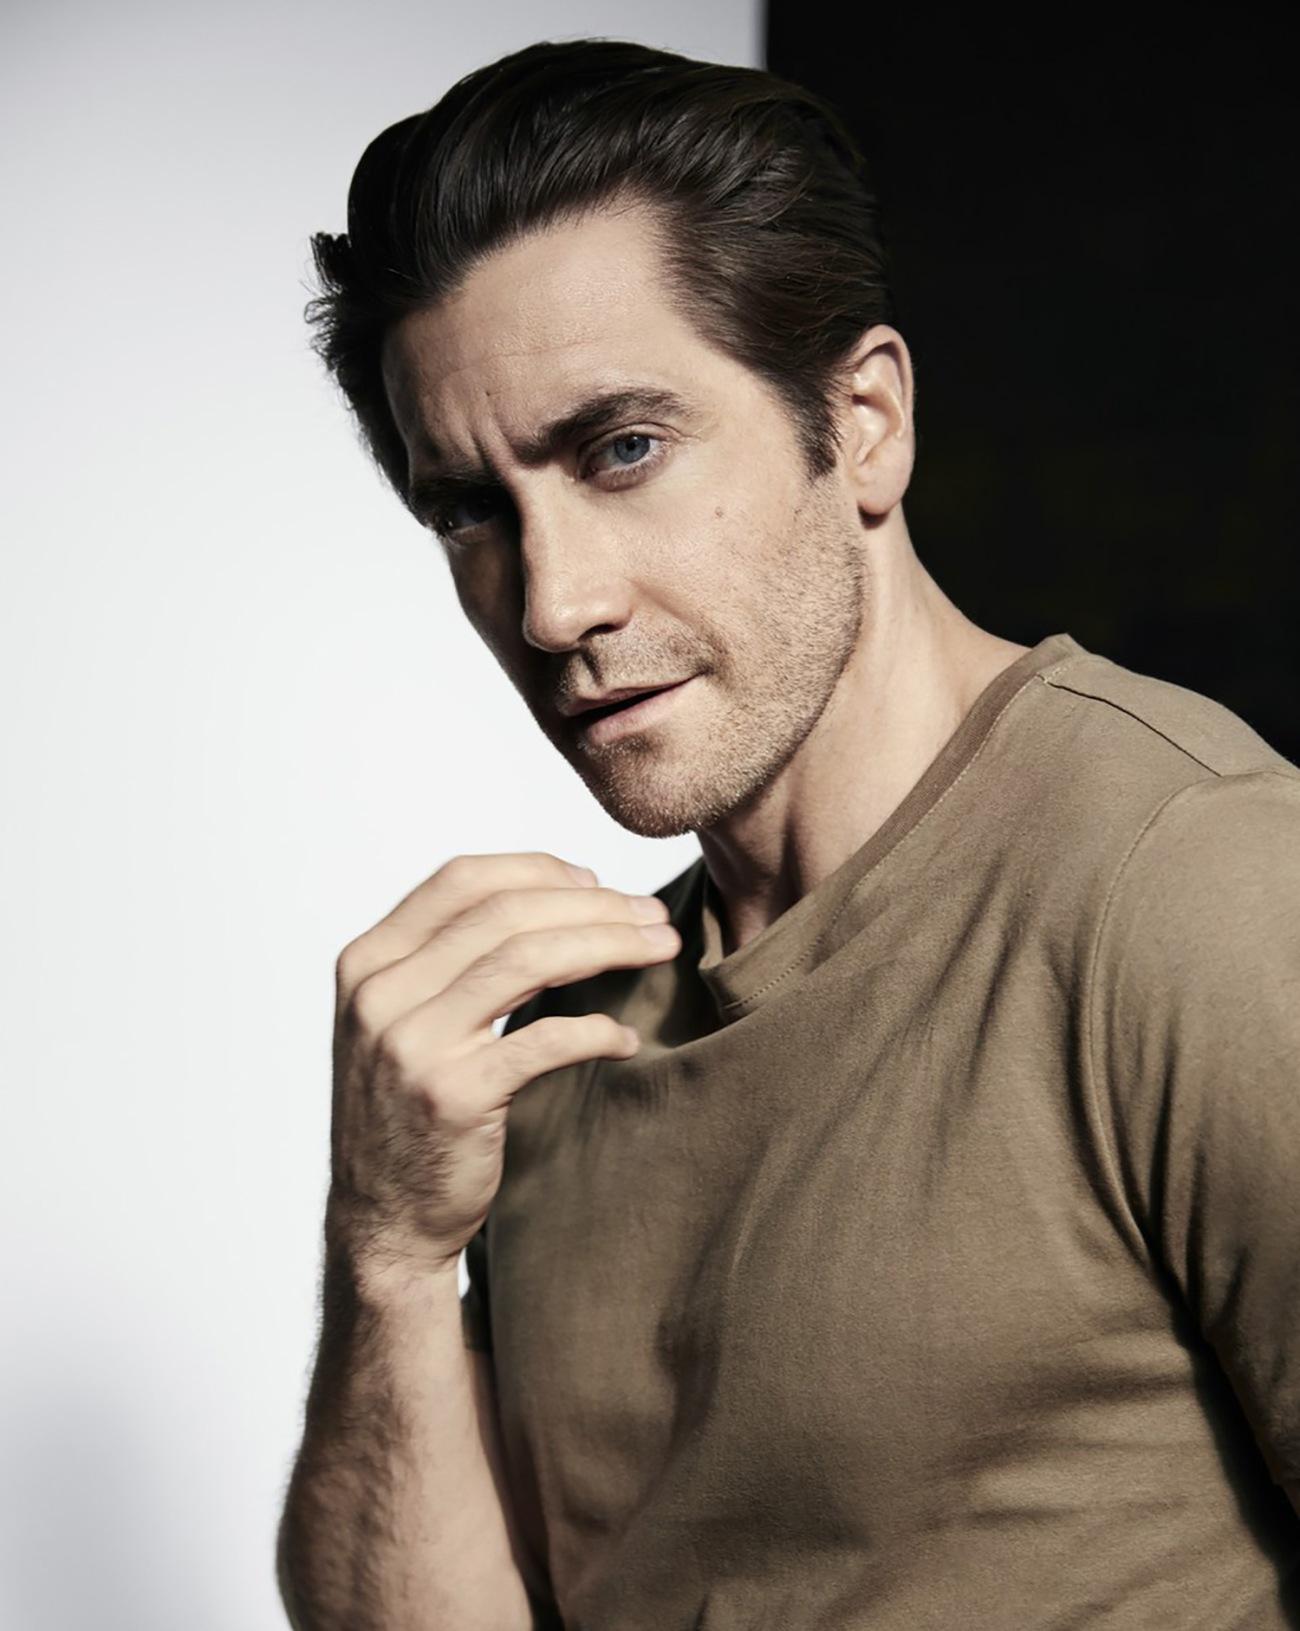 Jake Gyllenhaal GQ Australia February 20186